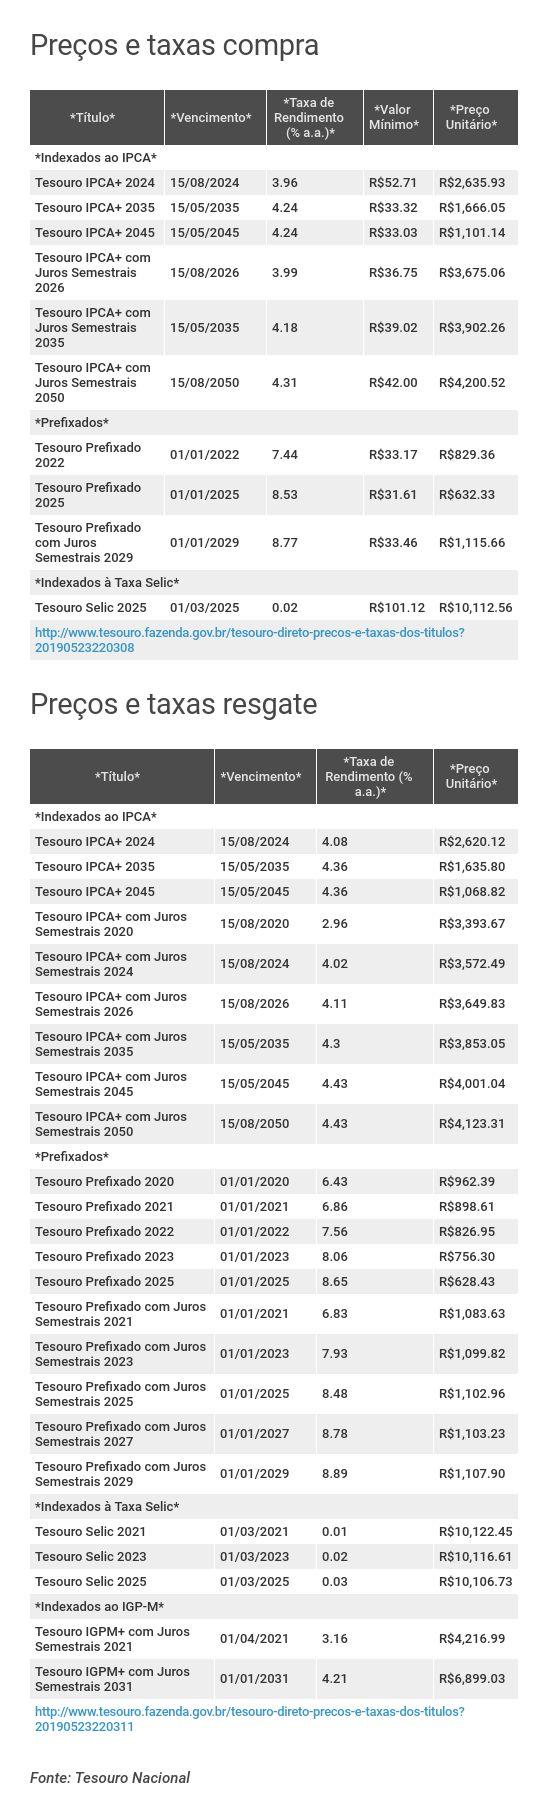 Preços e taxas do Tesouro Direto em 23 de maio de 2019 - fechamento